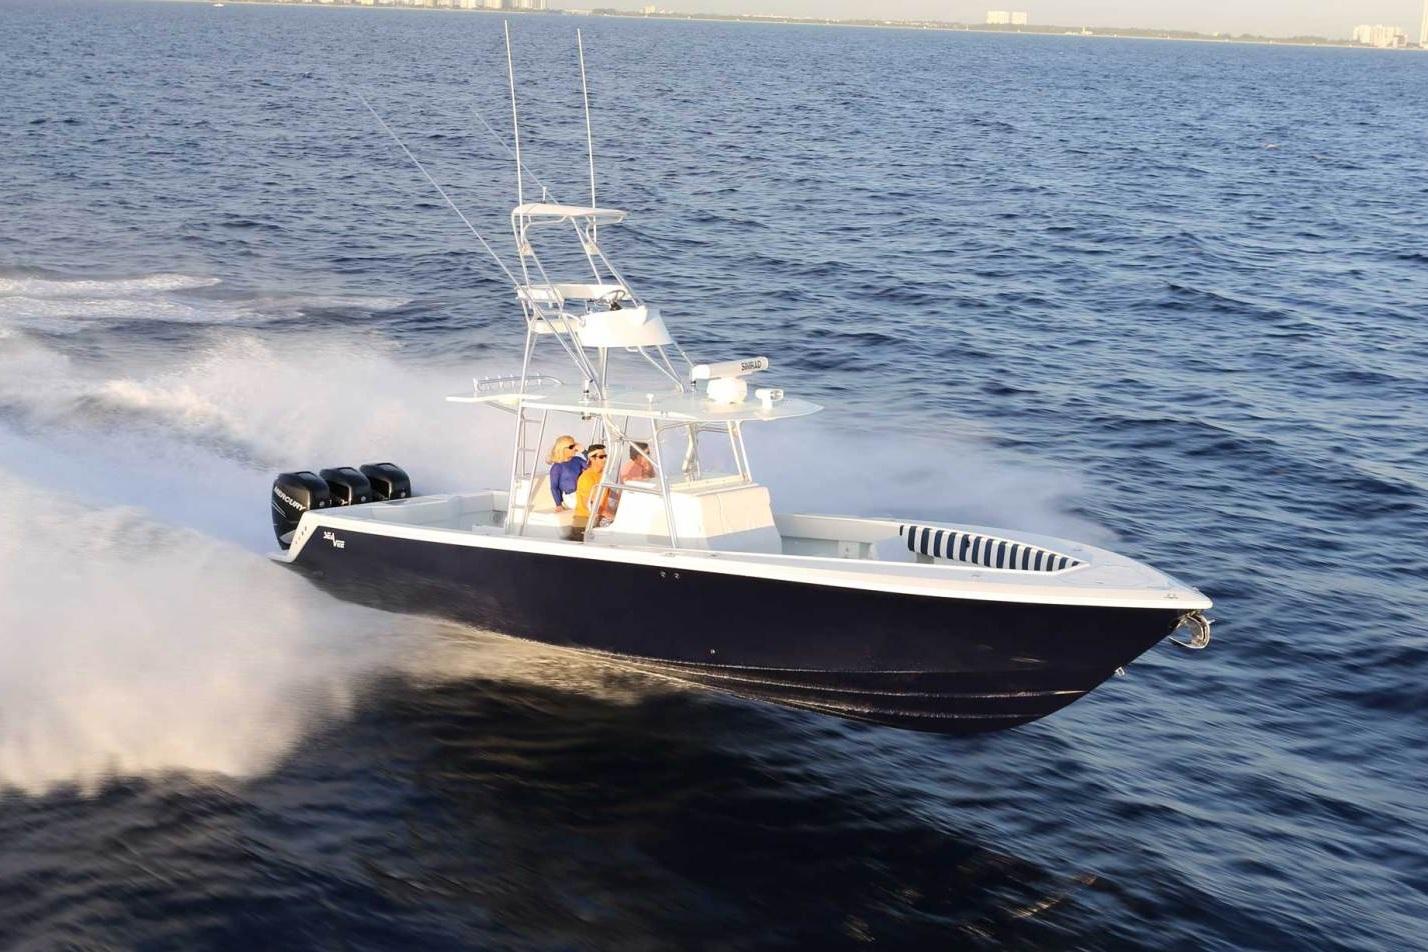 seavee 39 - seakeeper 3